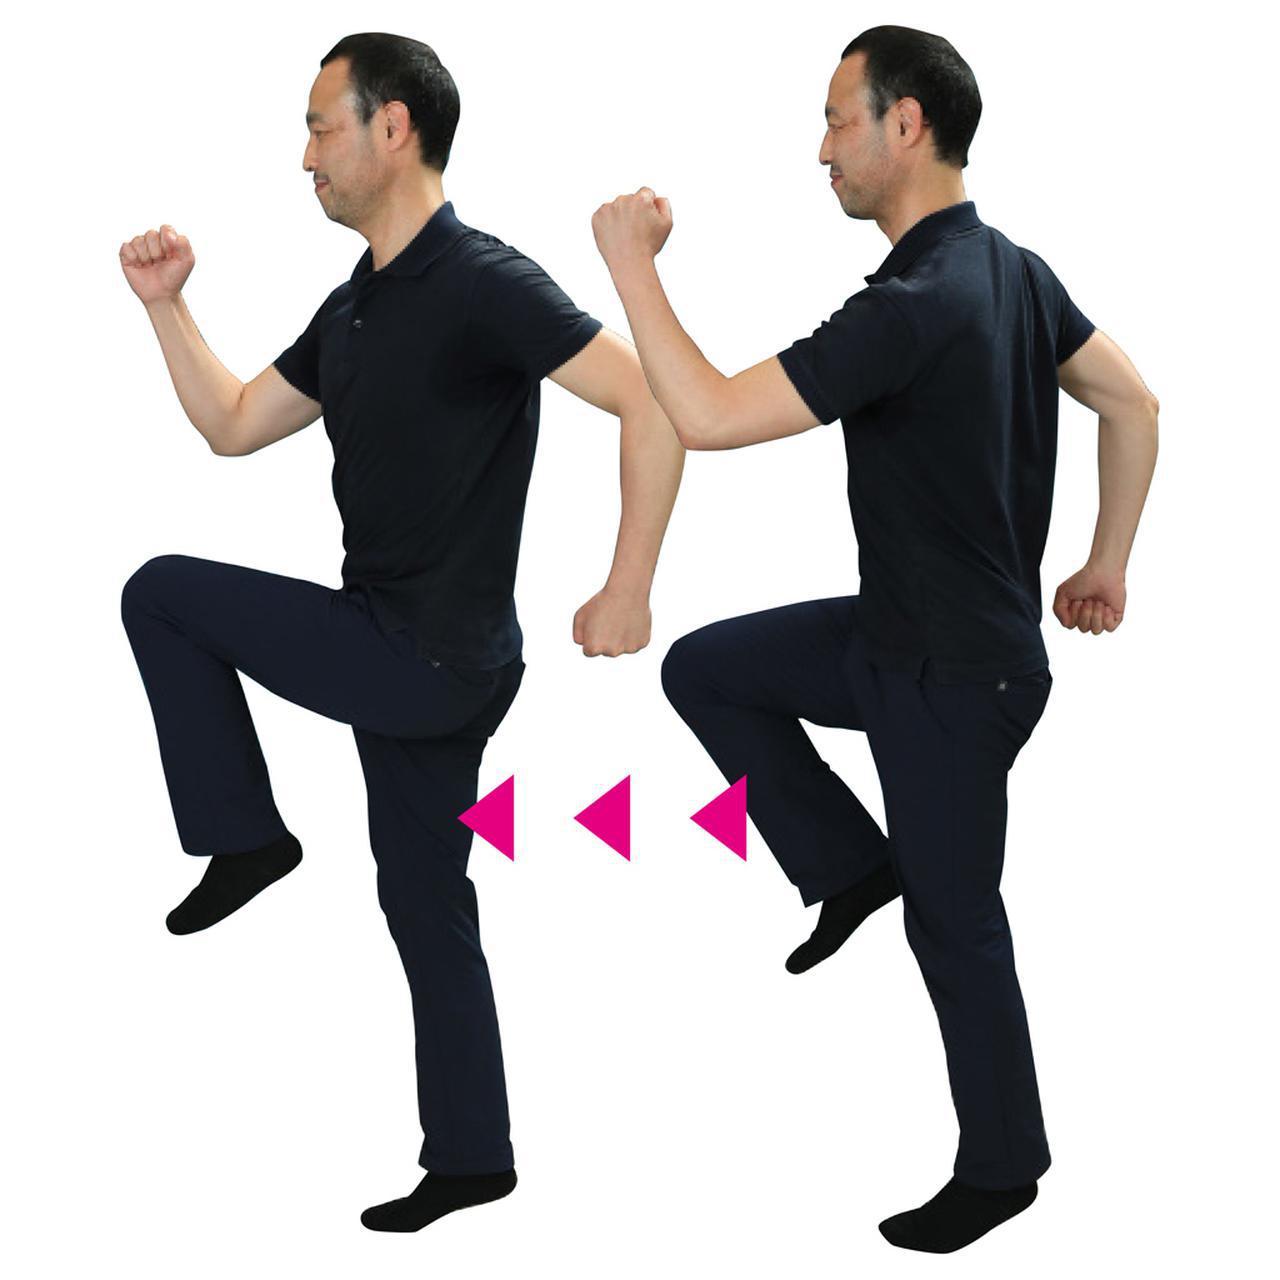 画像: かかとを上げるのはバランス感覚を養うため。正面を向いたまま、重心を感じながら肩を回し太ももを大きく上げて歩く。心地いいリズムで始め、少しずつ動きの幅を大きくする